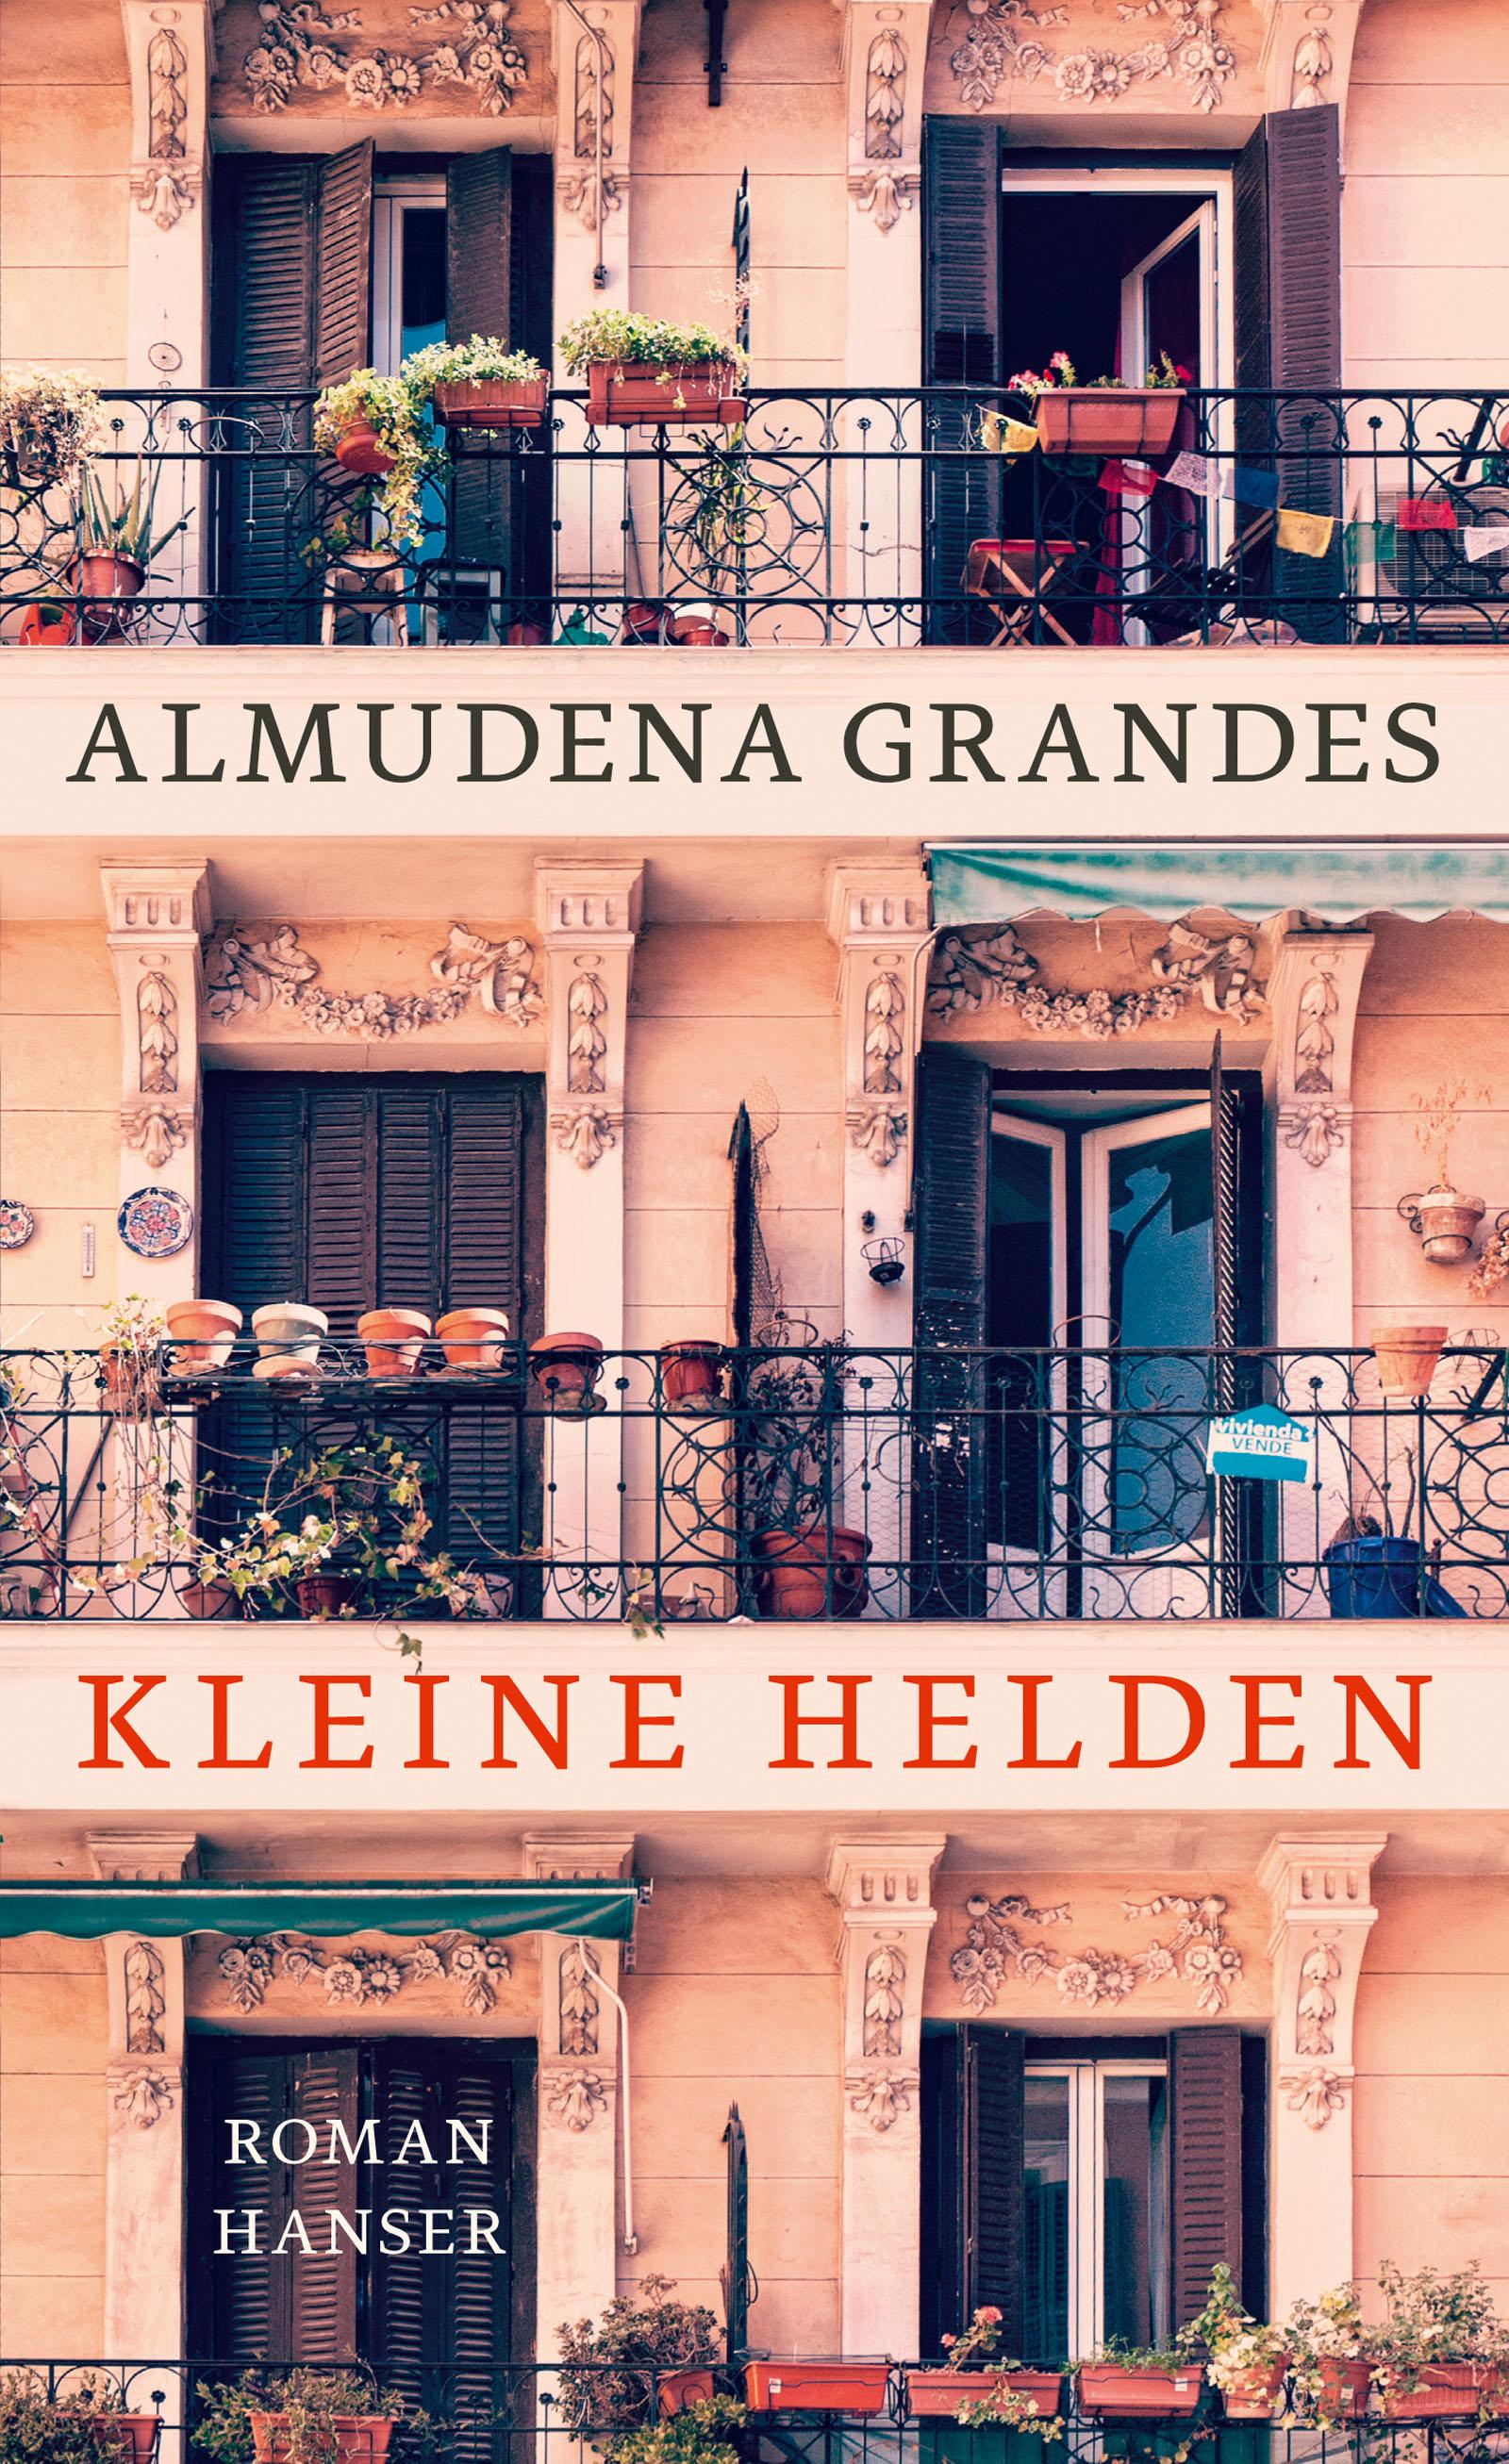 https://www.hanser-literaturverlage.de/buch/kleine-helden/978-3-446-26012-2/